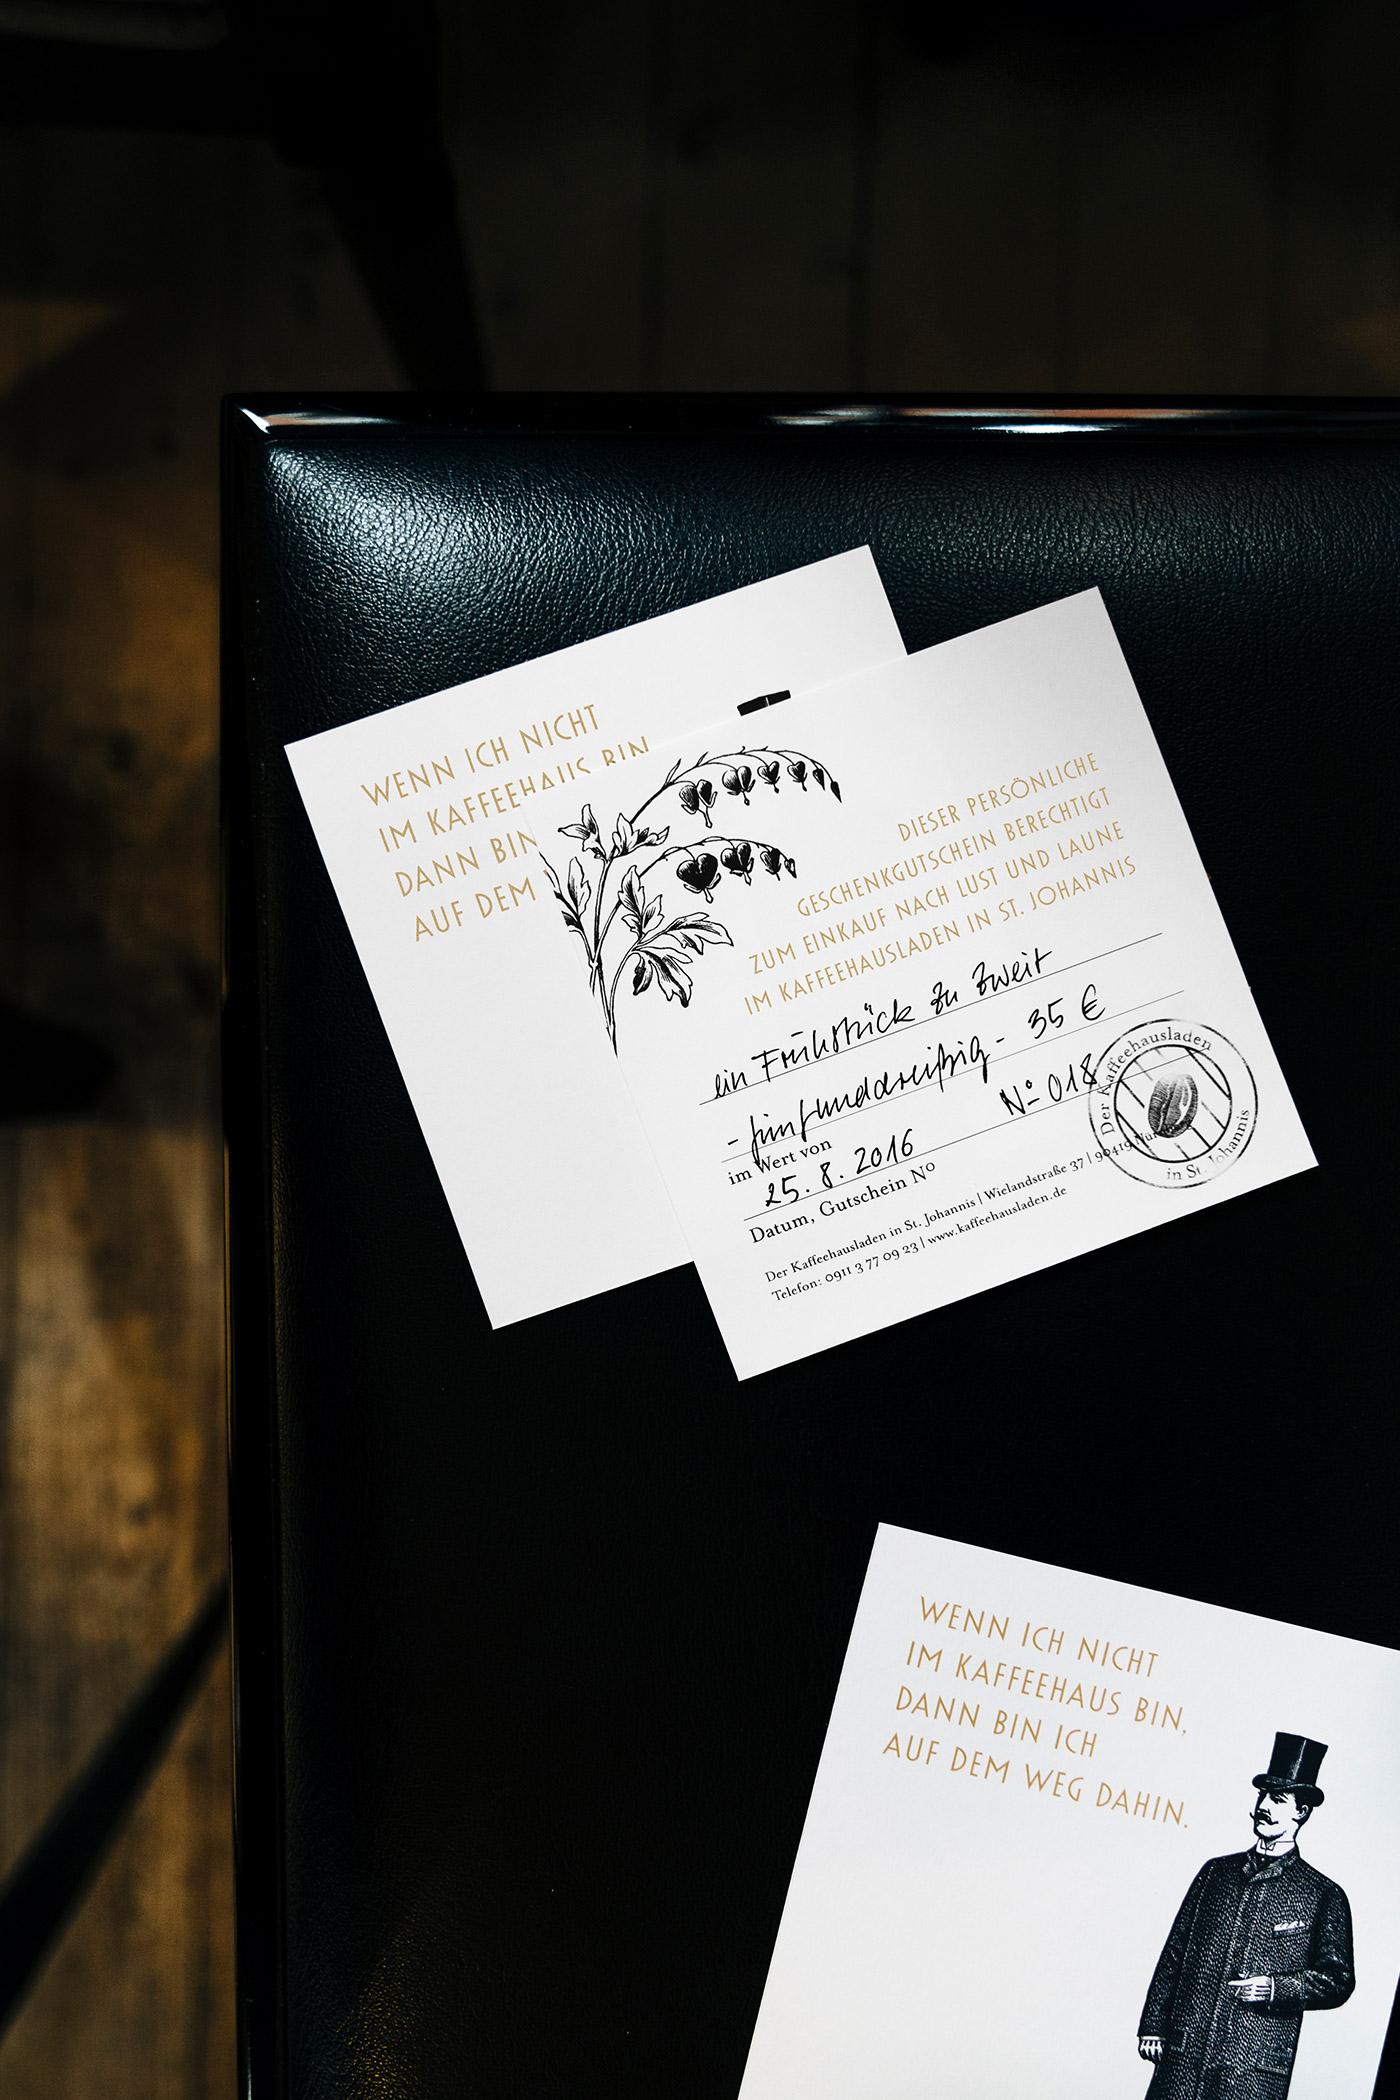 Der Kaffeehausladen in St. Johannis – Logo, Corporate Design, Getränkekarte, Webdesign von ELLIJOT